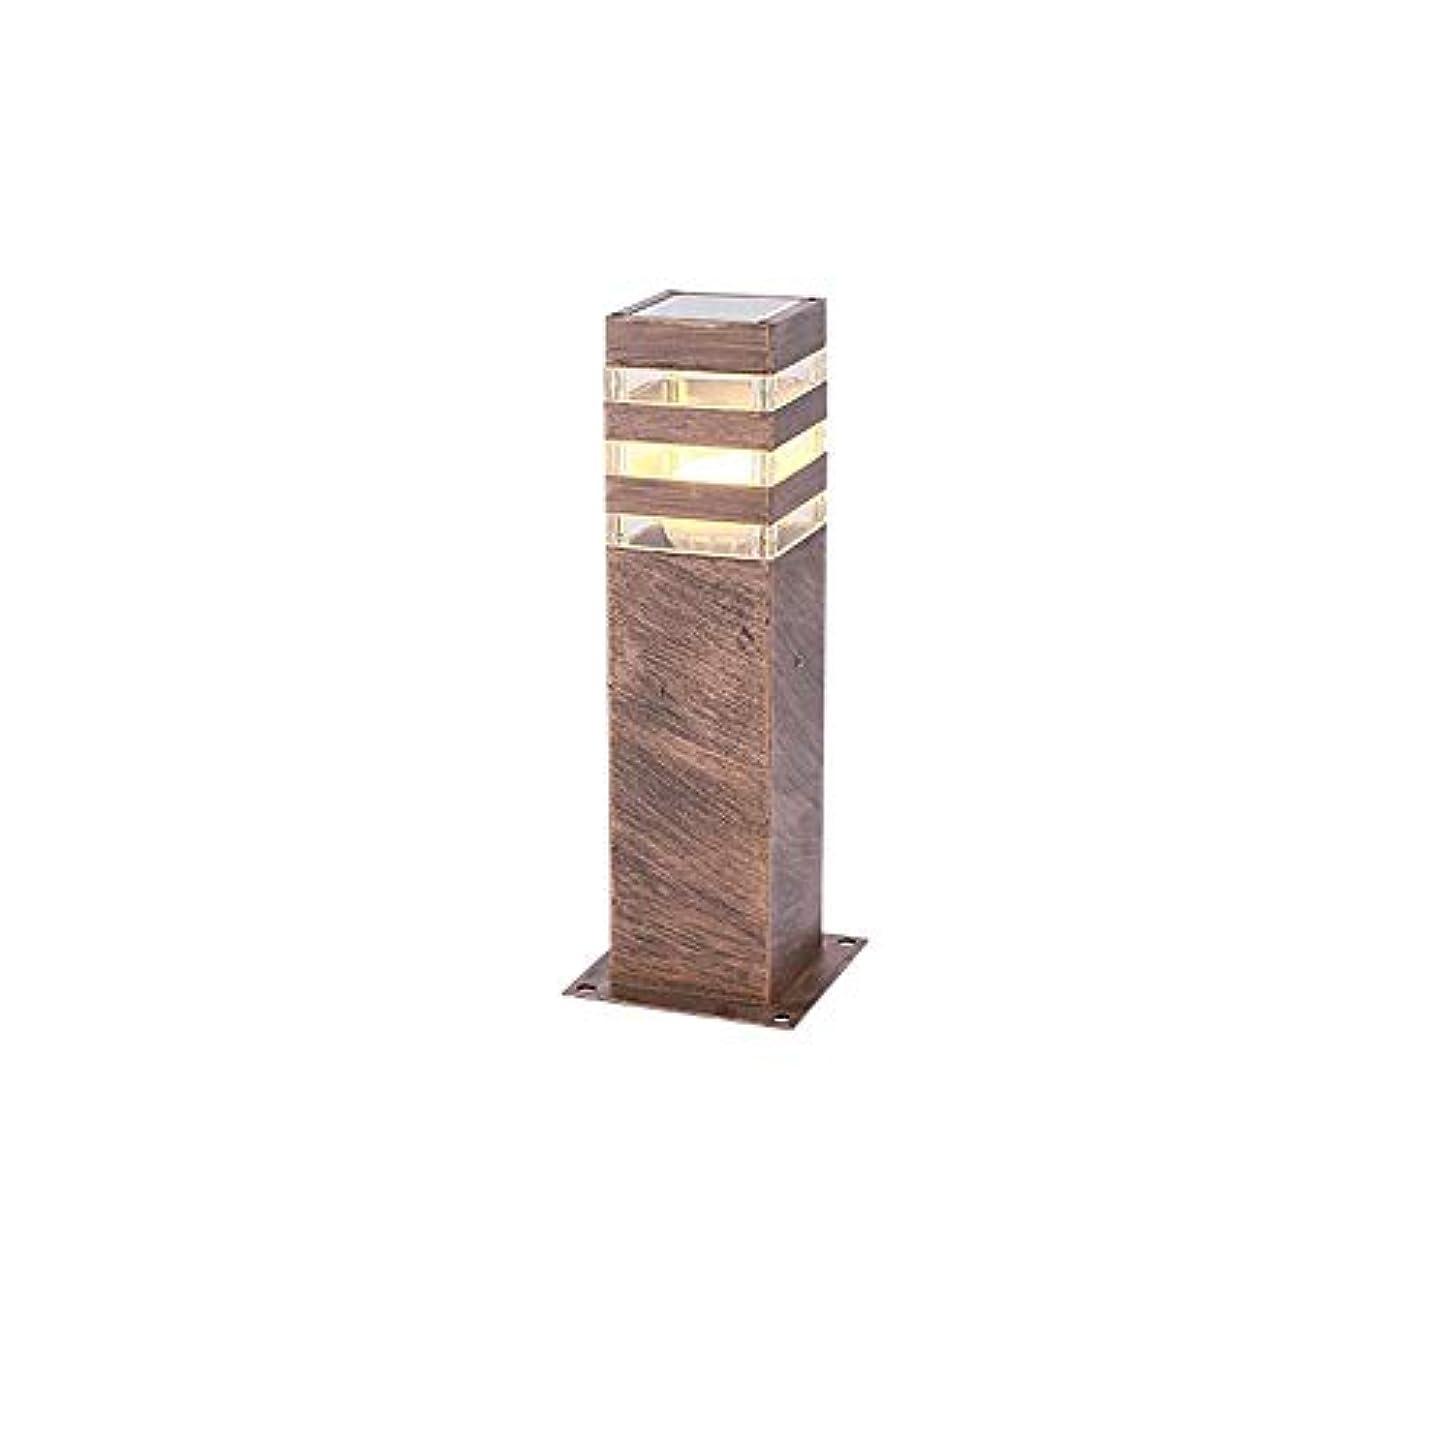 落胆する与えるアンビエントPinjeer E27屋外ガーデン芝生ライトIP55防水pvcピラーライトヨーロッパヴィンテージスクエアメタルアルミポストライト中庭風景コミュニティヴィラ装飾コラムランプ (Color : Brass)